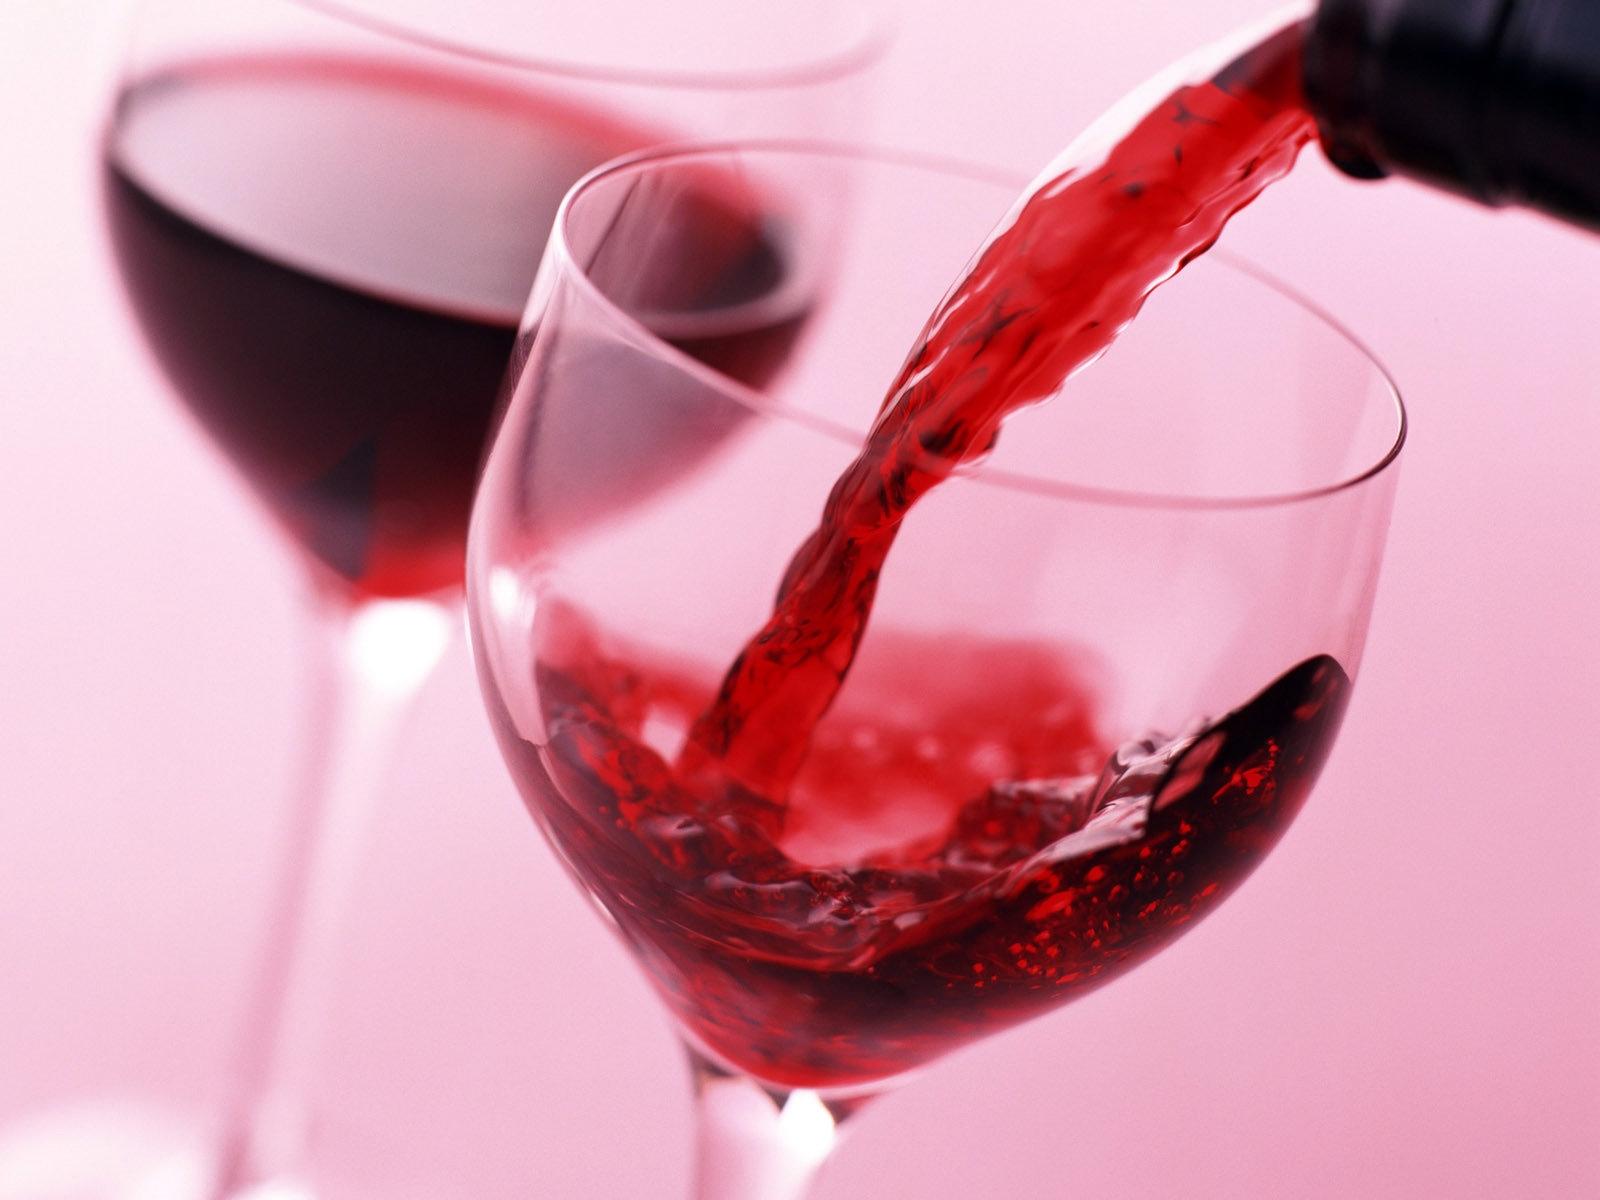 5 cách dưỡng da đẹp hiệu quả với rượu vang